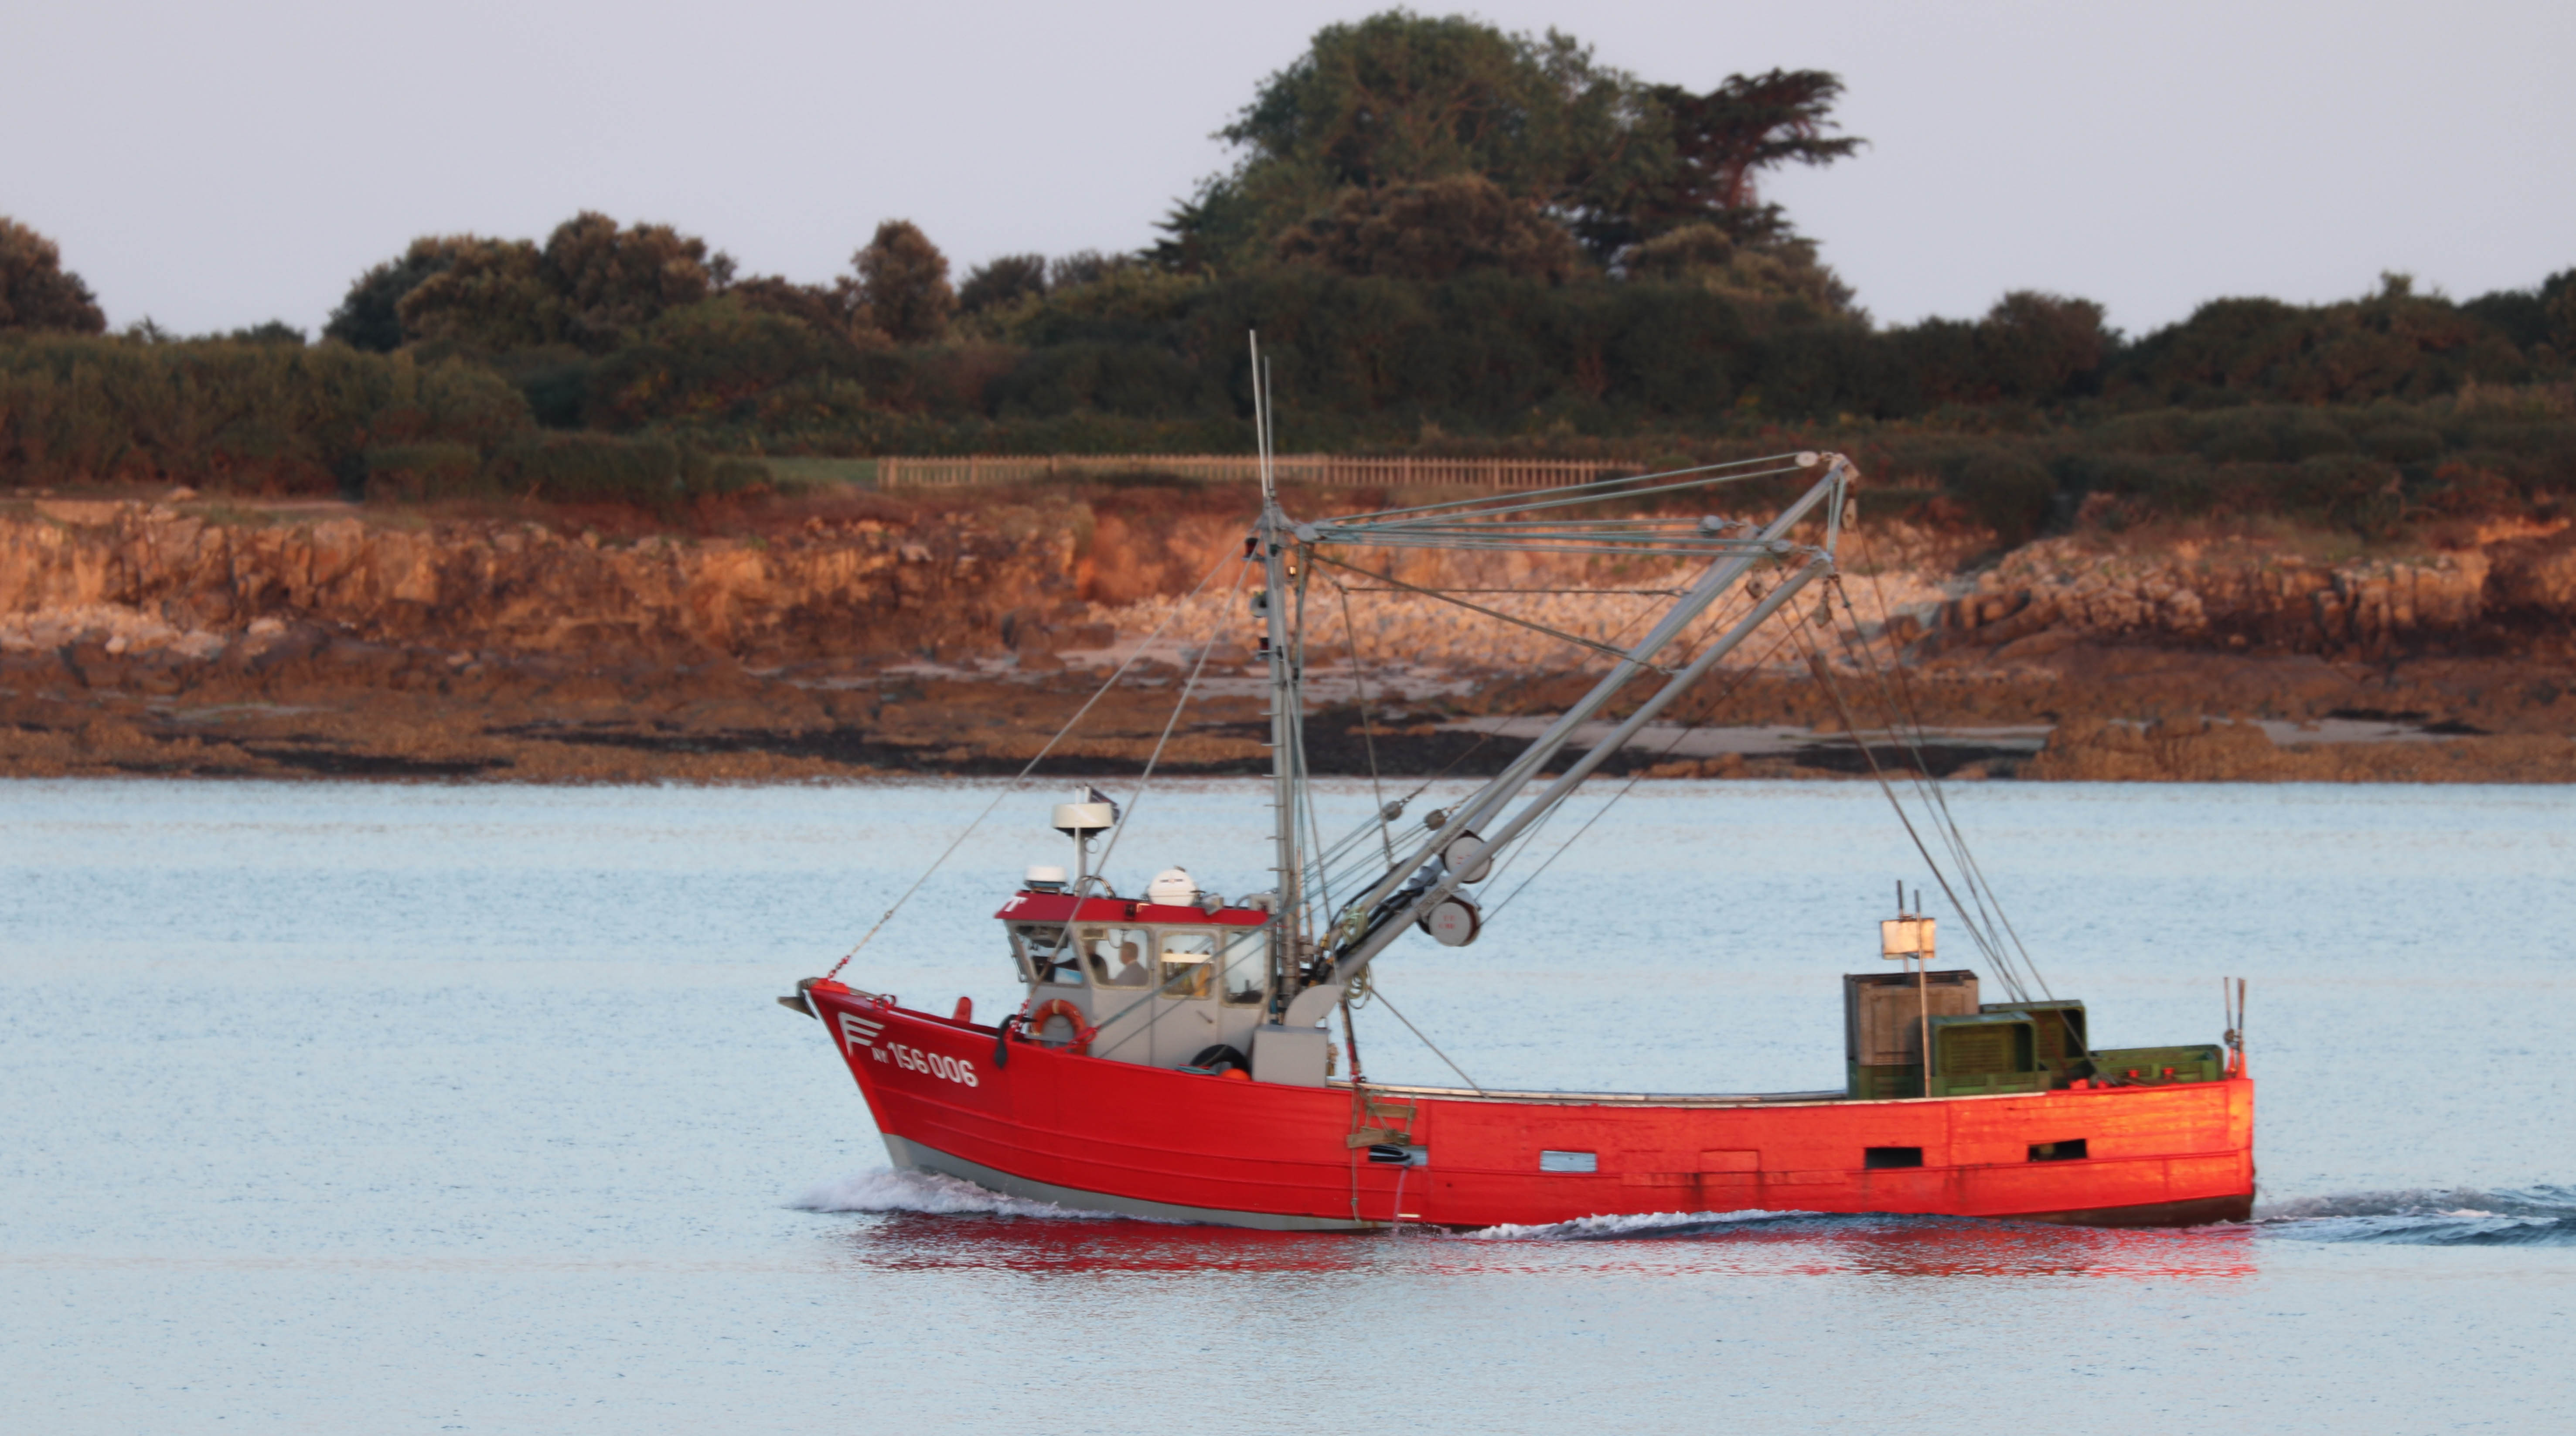 le bateau rouge, la trinité sur mer, 6 août 8,  6h13 (1 sur 1).jpg